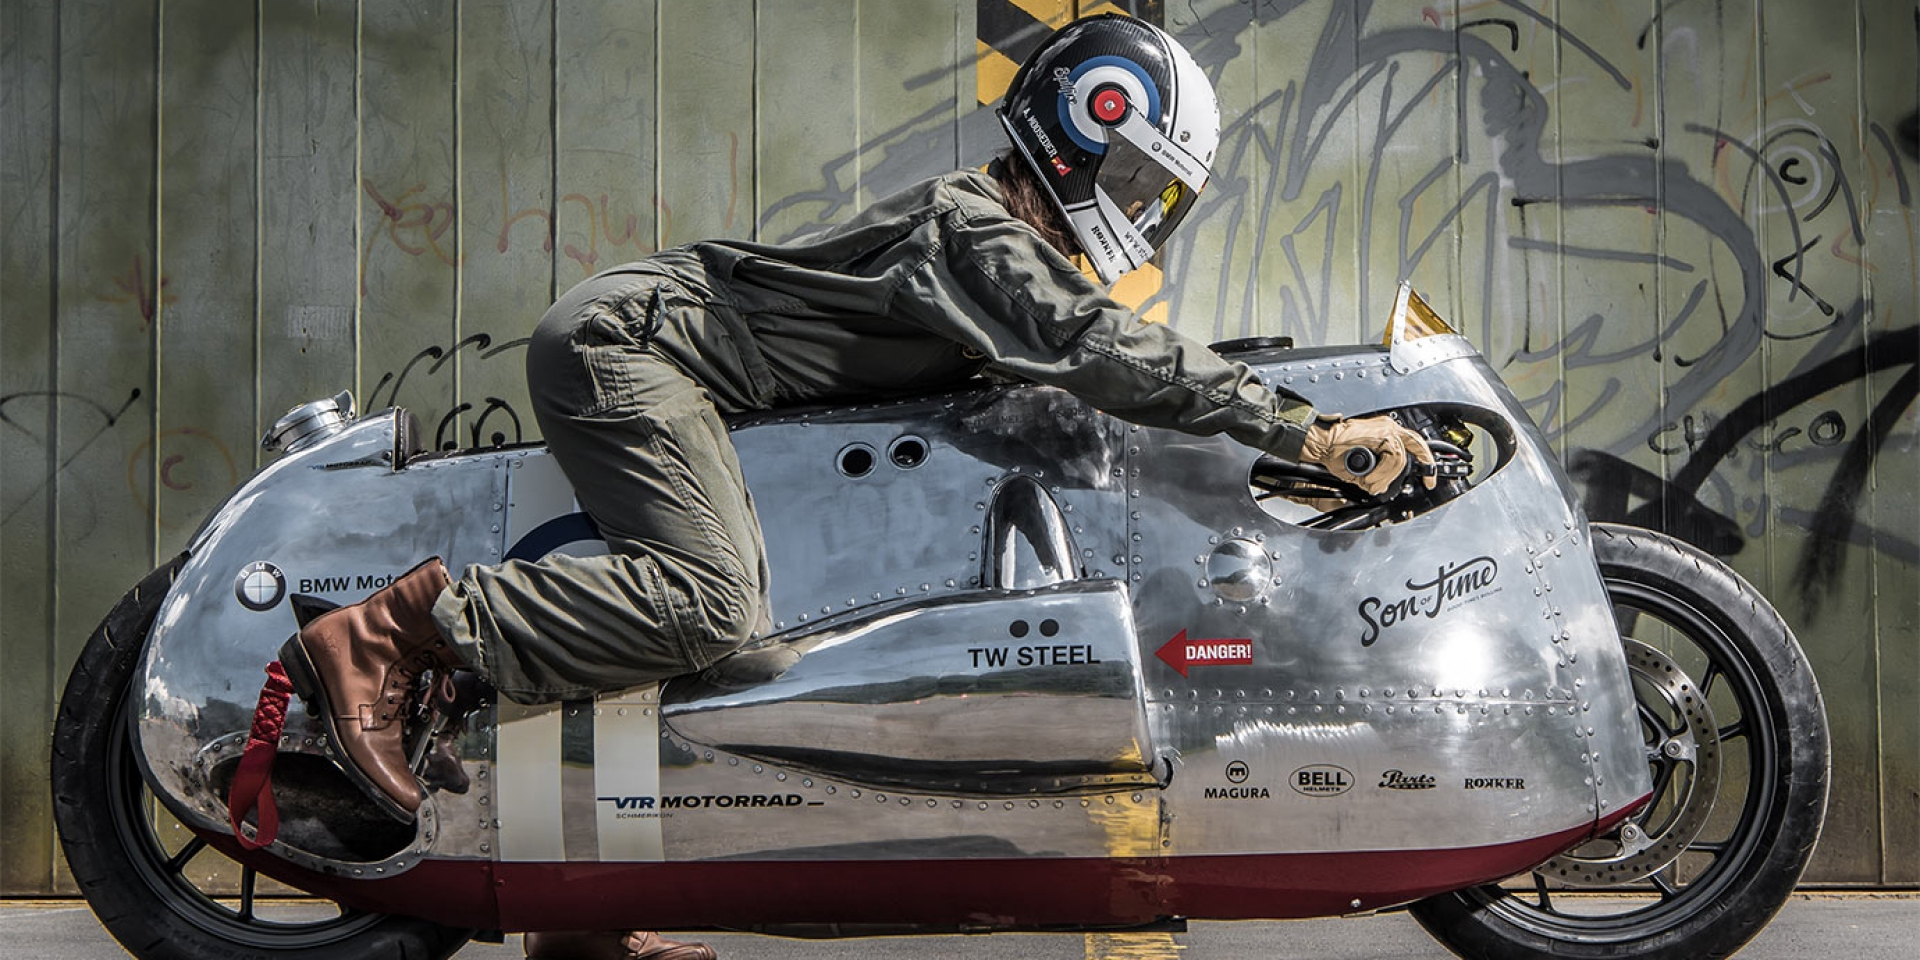 噴火式戰機的地表重生,'Spitfire' by VTR & TW Steel